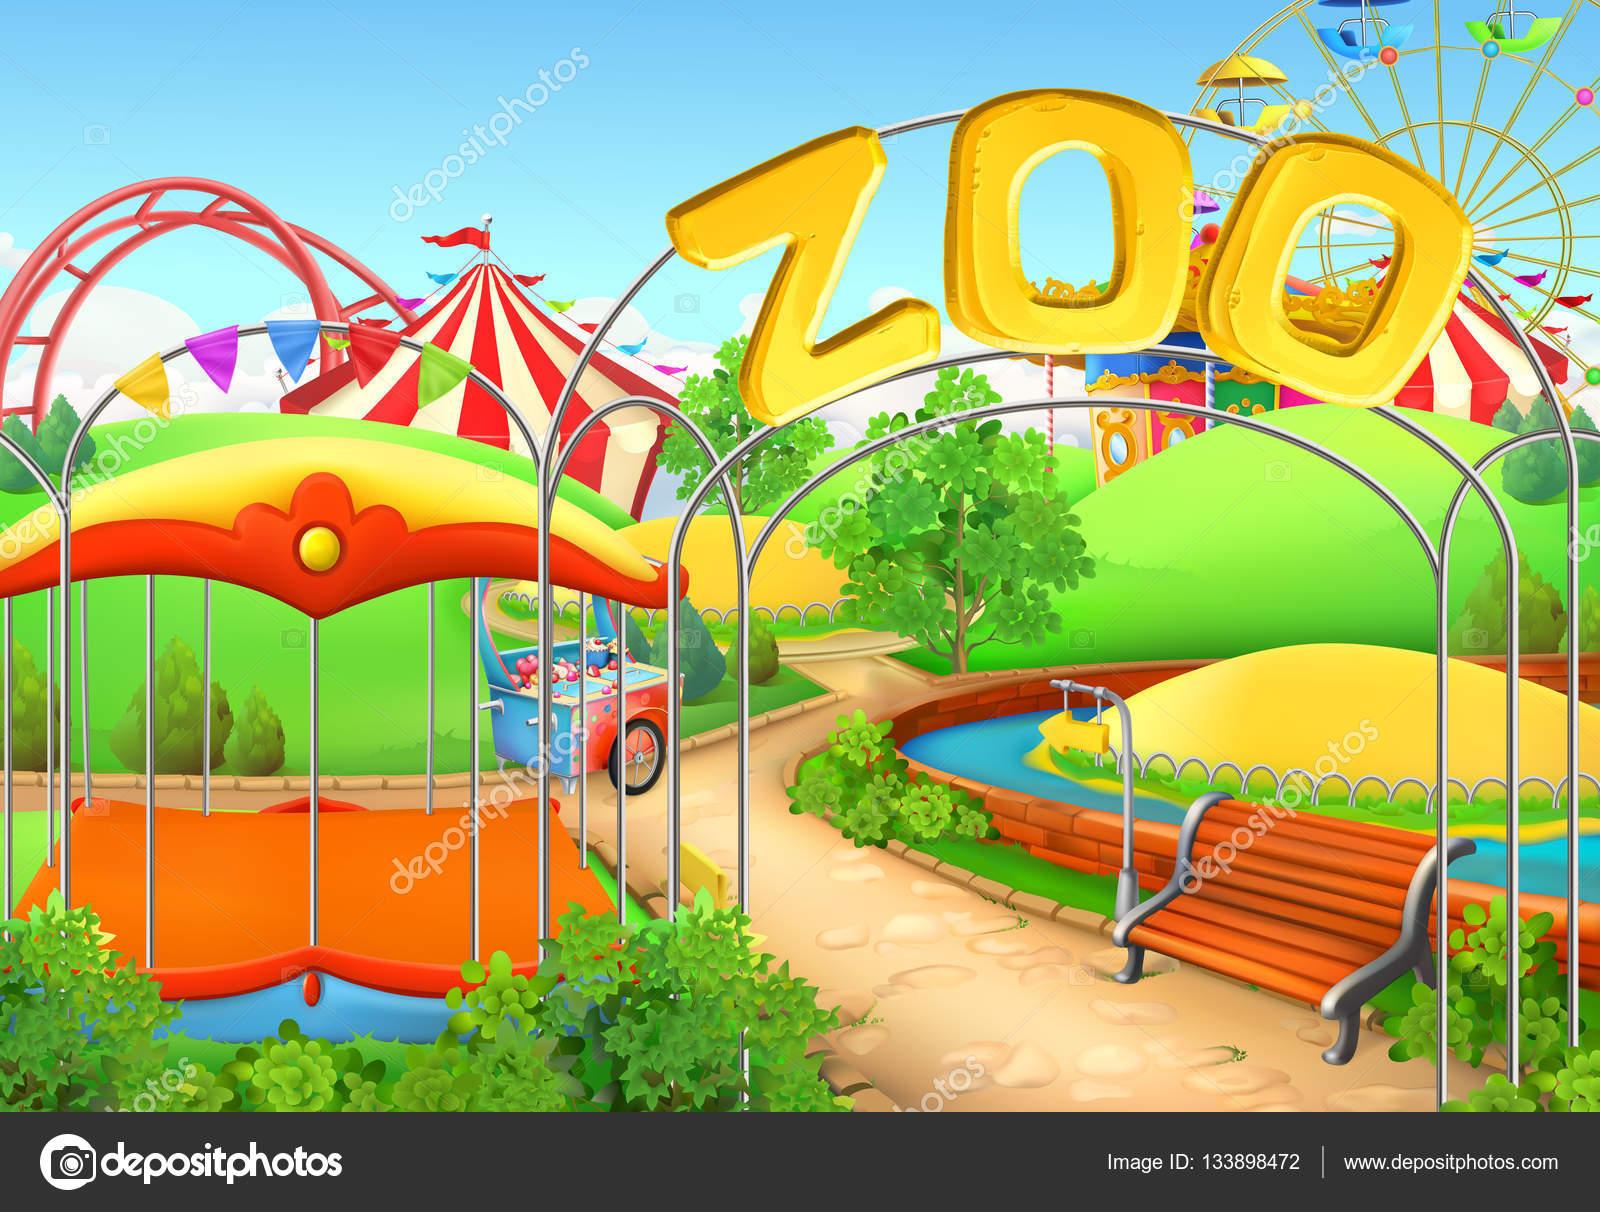 zoo  vector background amusement park children clip art children playing in snow clipart children playing drum